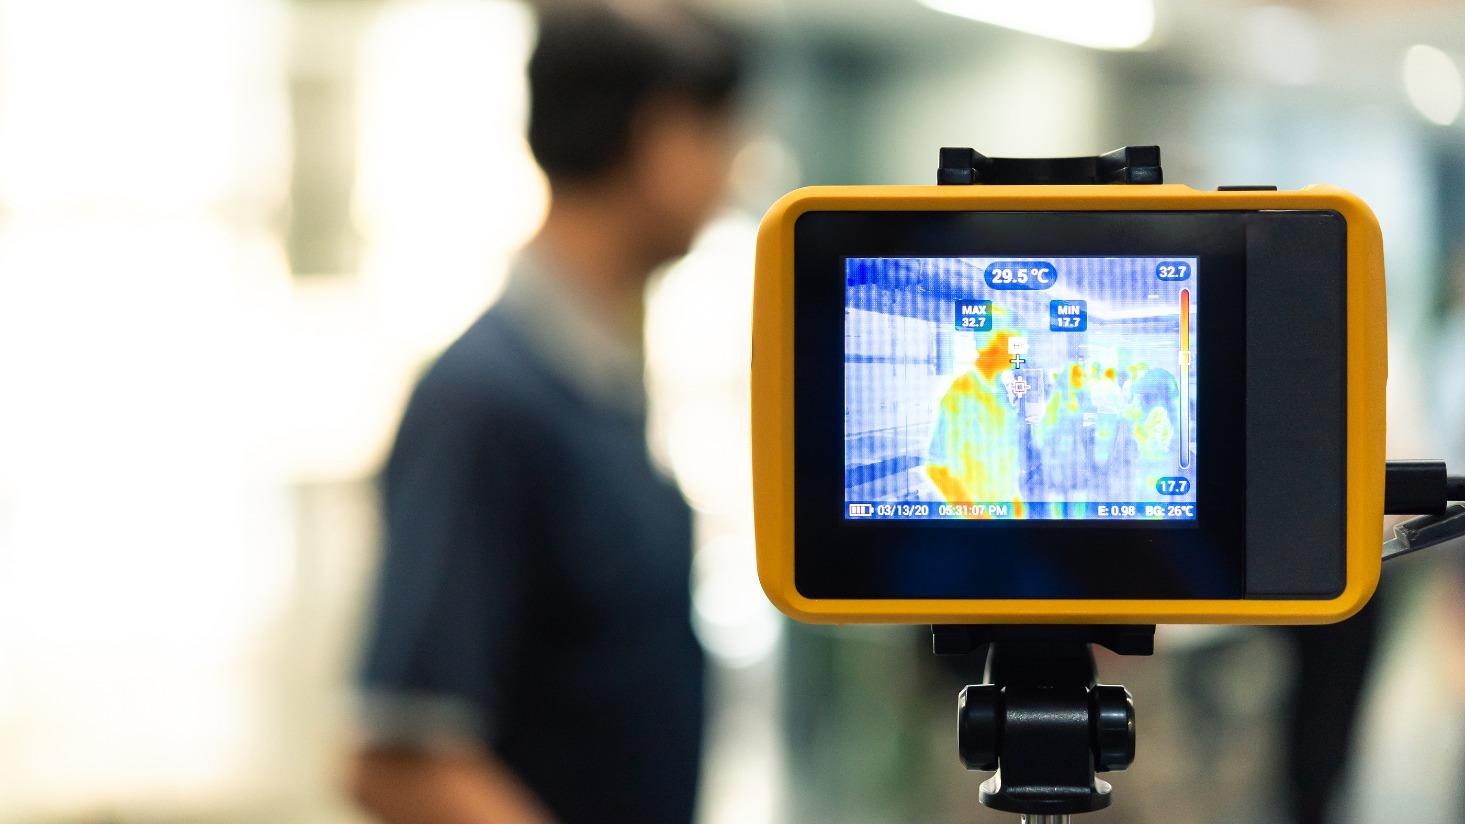 BLOG - thermal imaging